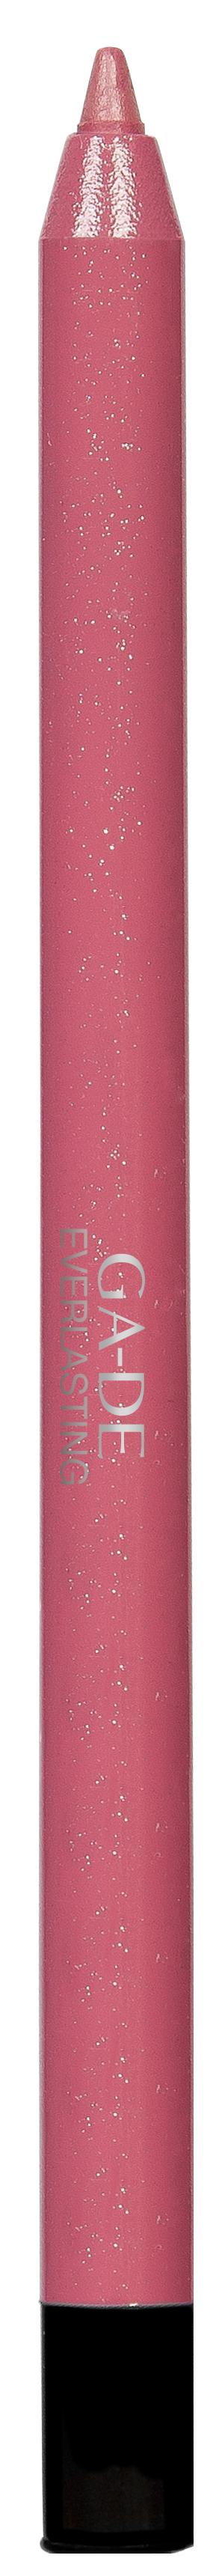 Карандаш для губ Ga De Everlasting Lip Liner